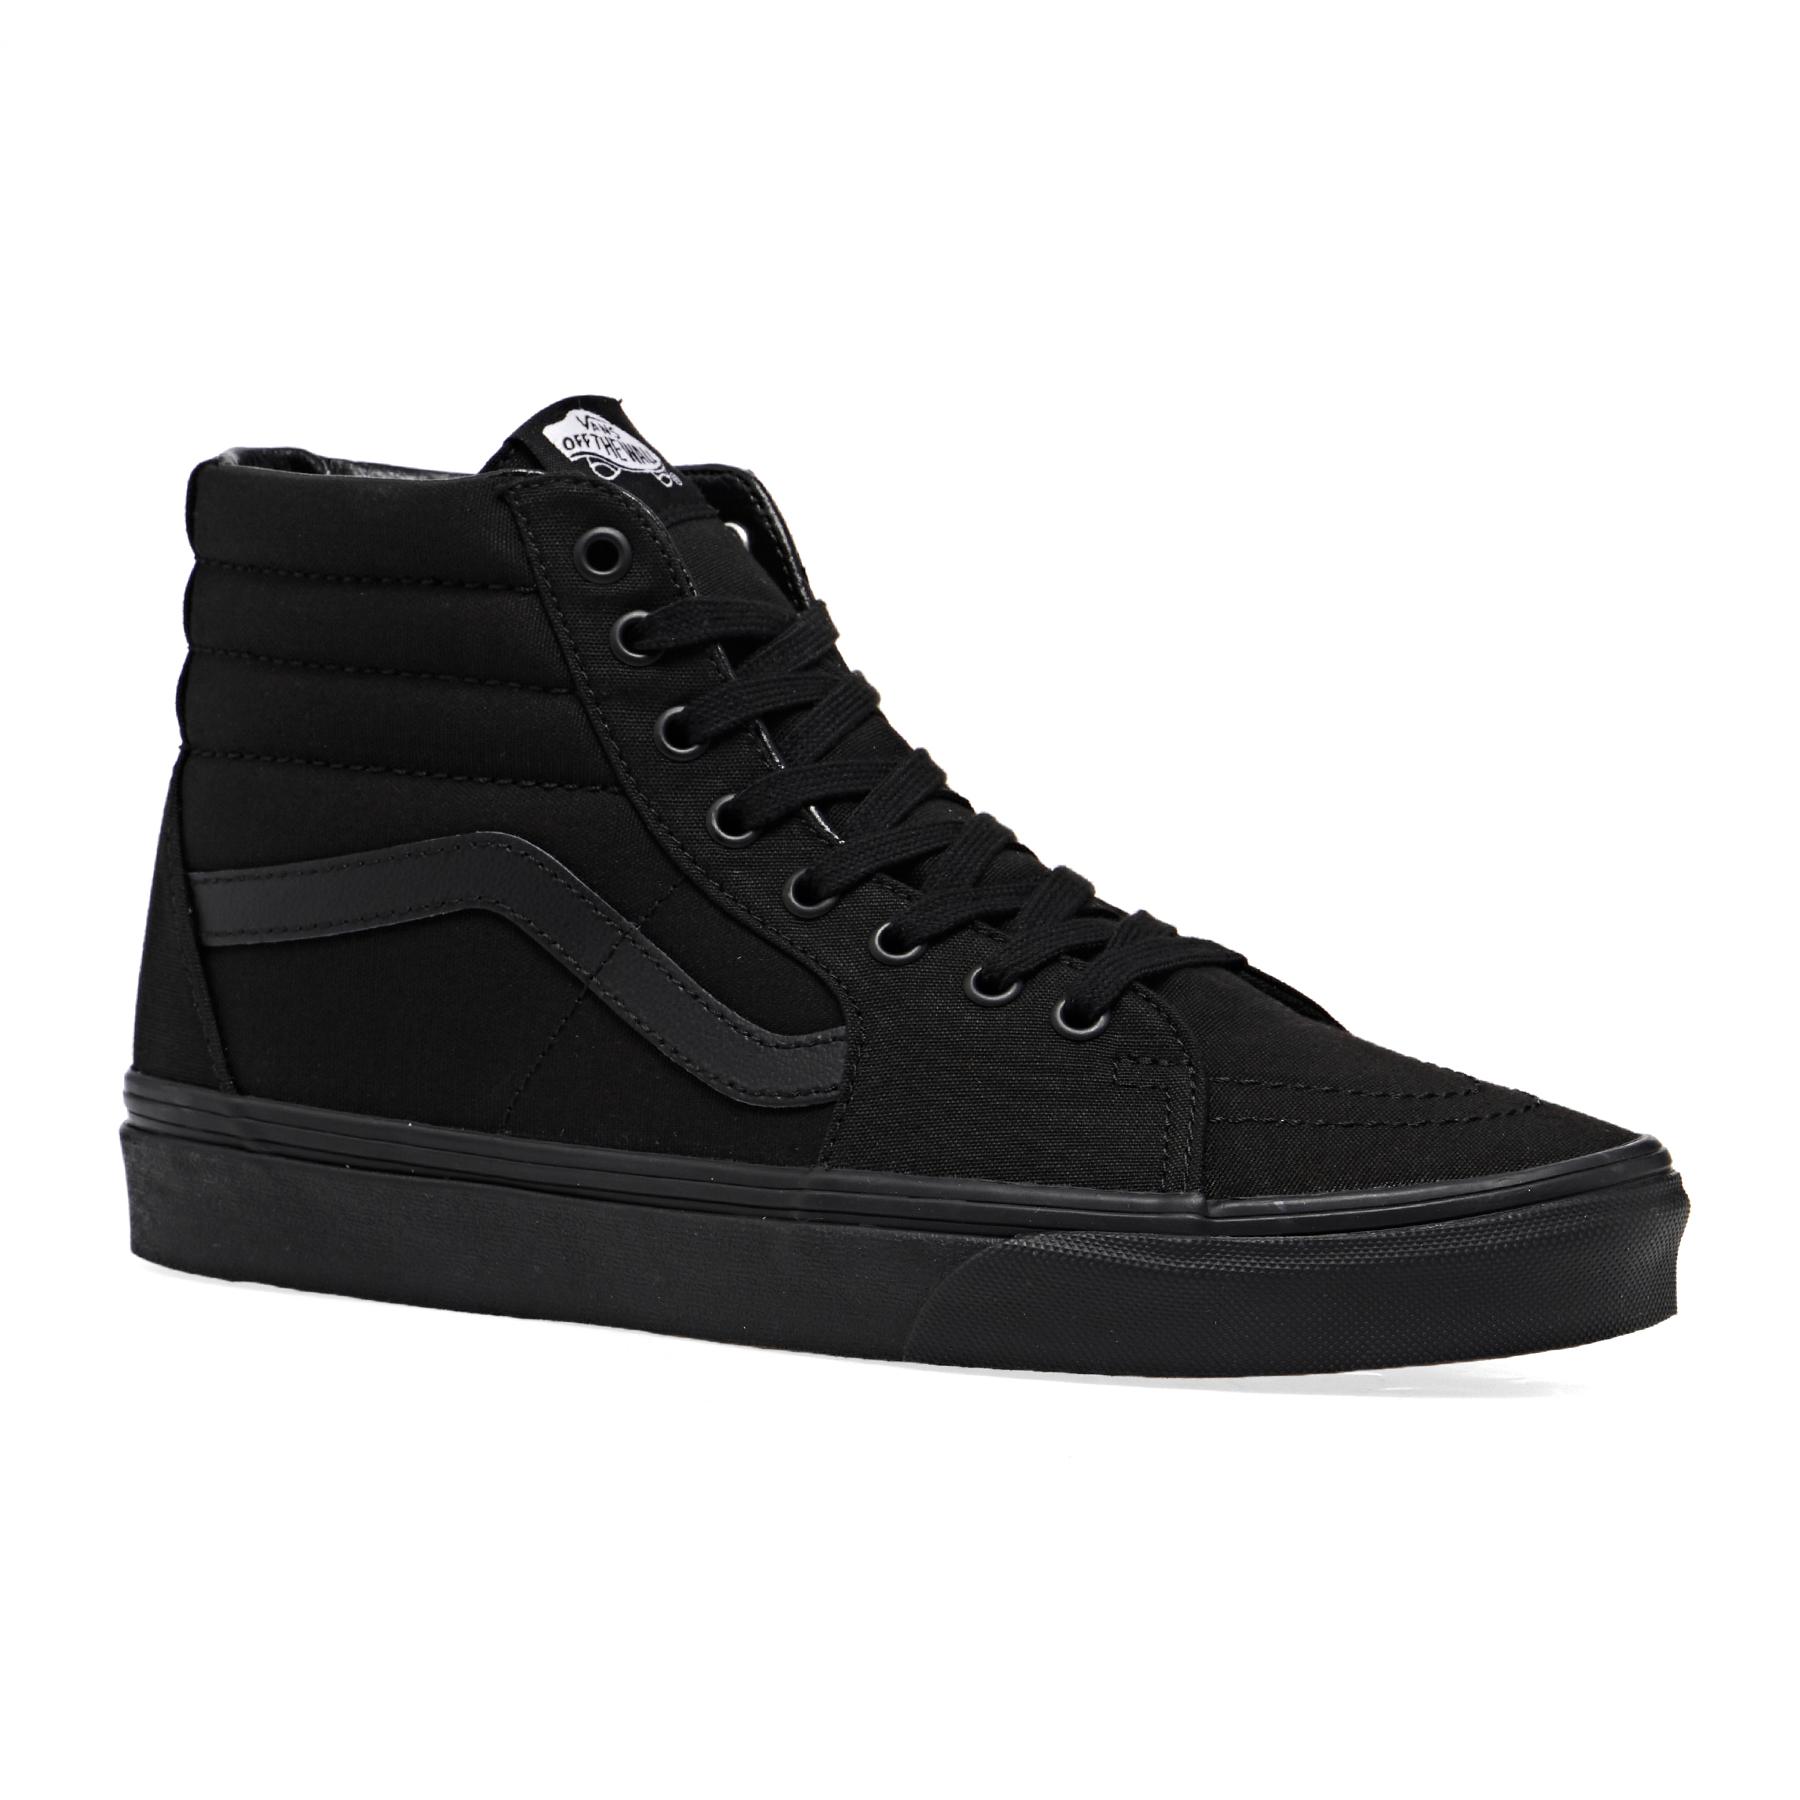 Zapatos, zapatillas y ropa Vans | Envío gratuito* en